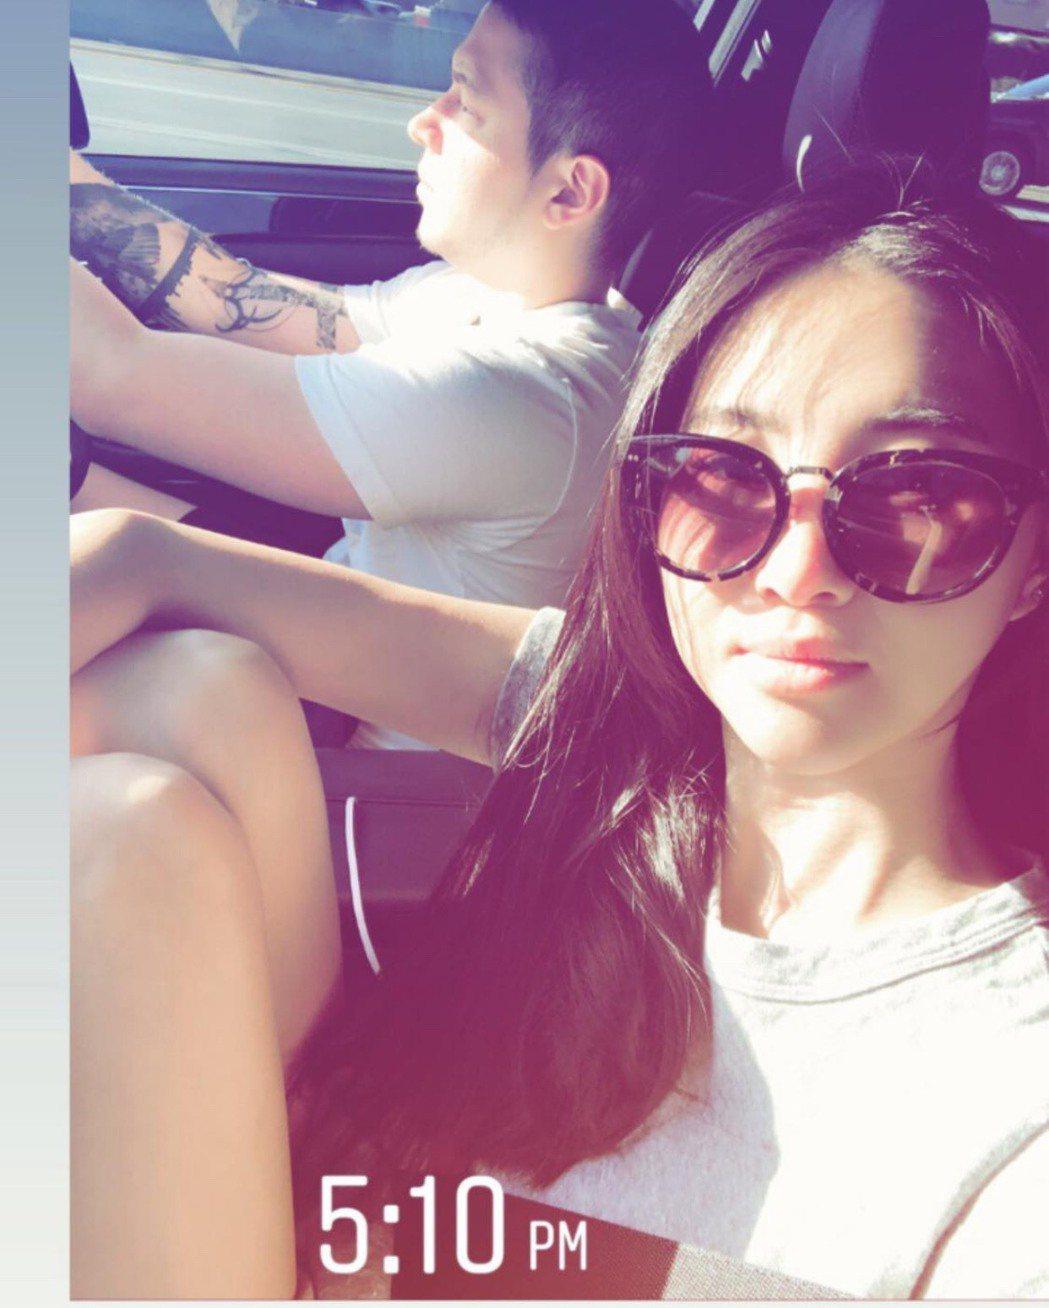 孫瑩瑩在限時動態上傳和老公的合照。圖/摘自臉書